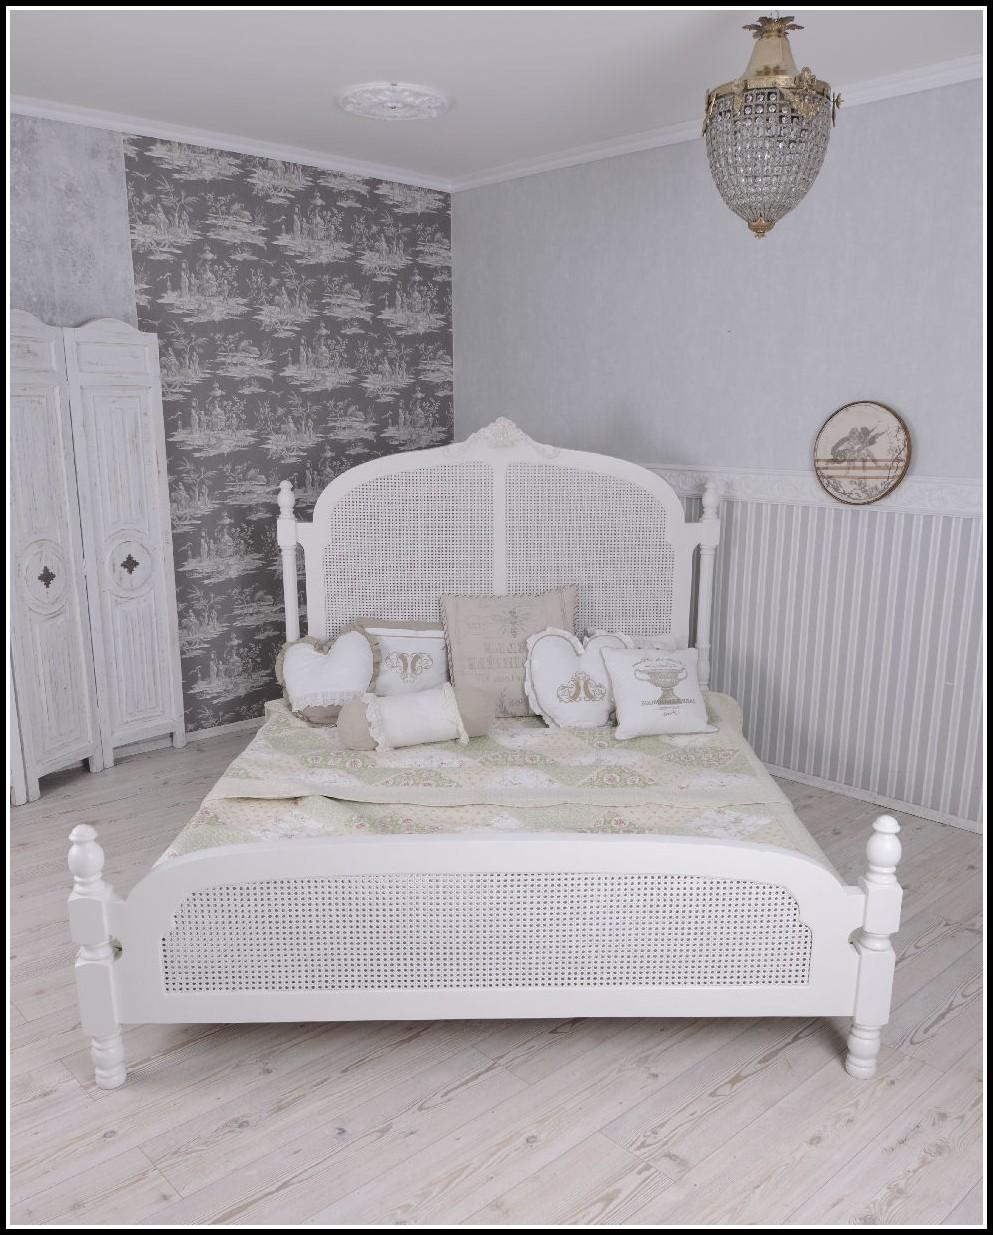 bett shabby chic betten house und dekor galerie. Black Bedroom Furniture Sets. Home Design Ideas